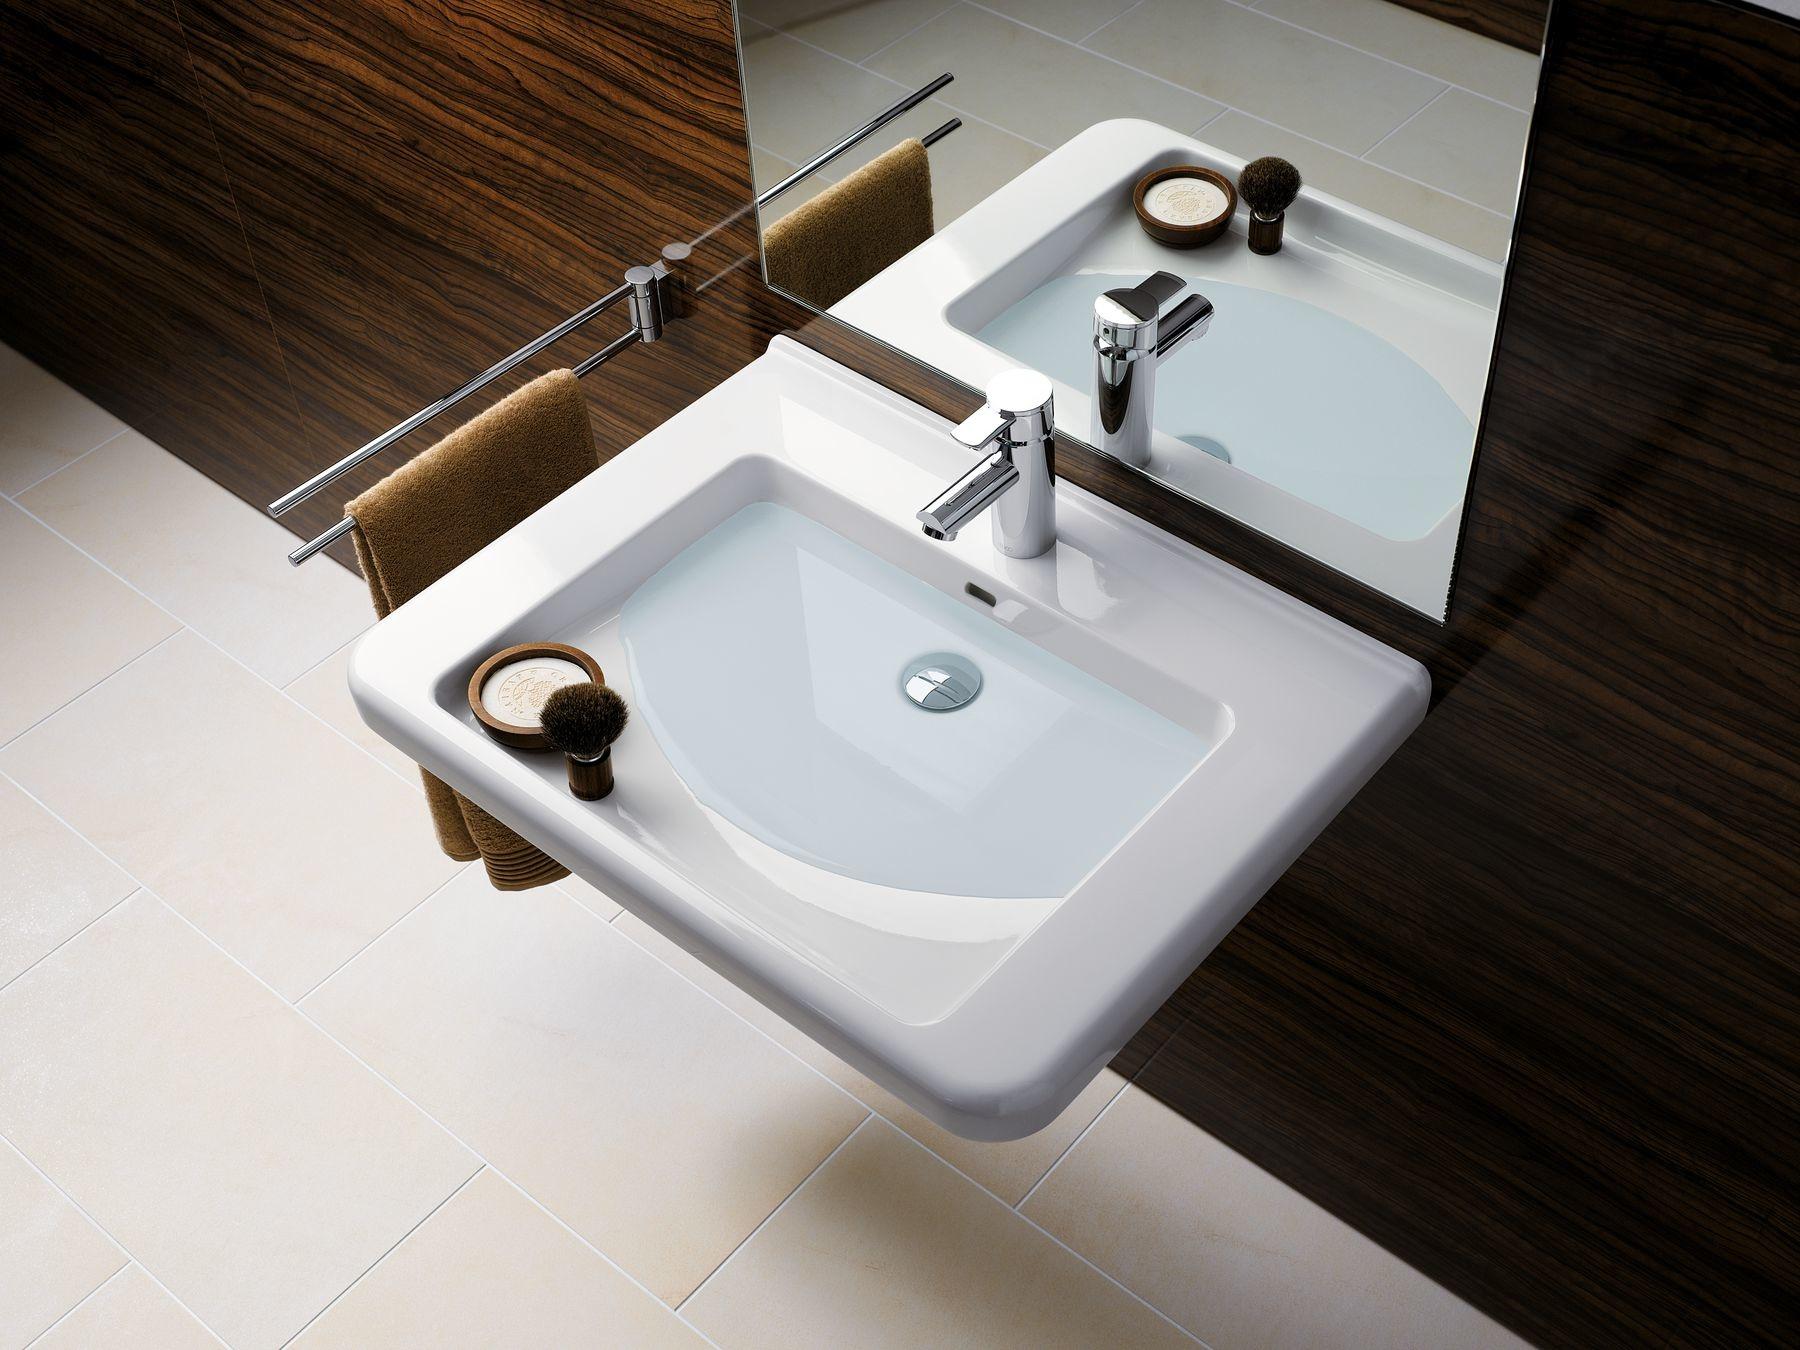 Umývadlá Geberit Selnova Comfort ponúkajú pohodlie osobám zo zníženou pohyblivosťou.